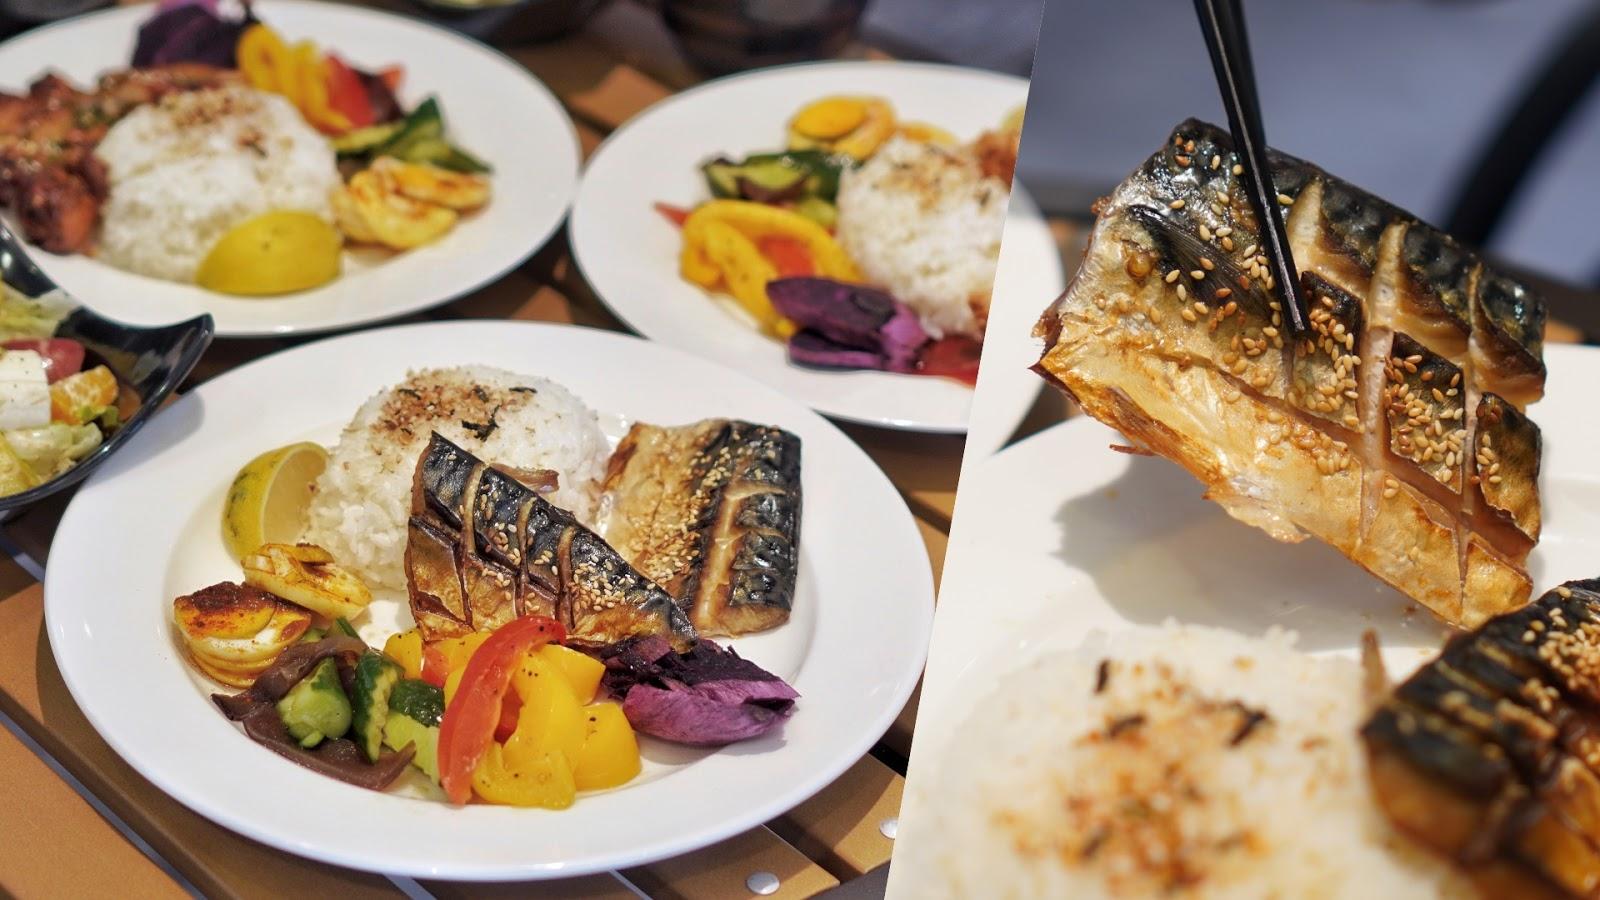 台南東區美食【咚嗞咖啡】住宅區裡的平價高CP咖啡廳,適合你隨時來串門子!